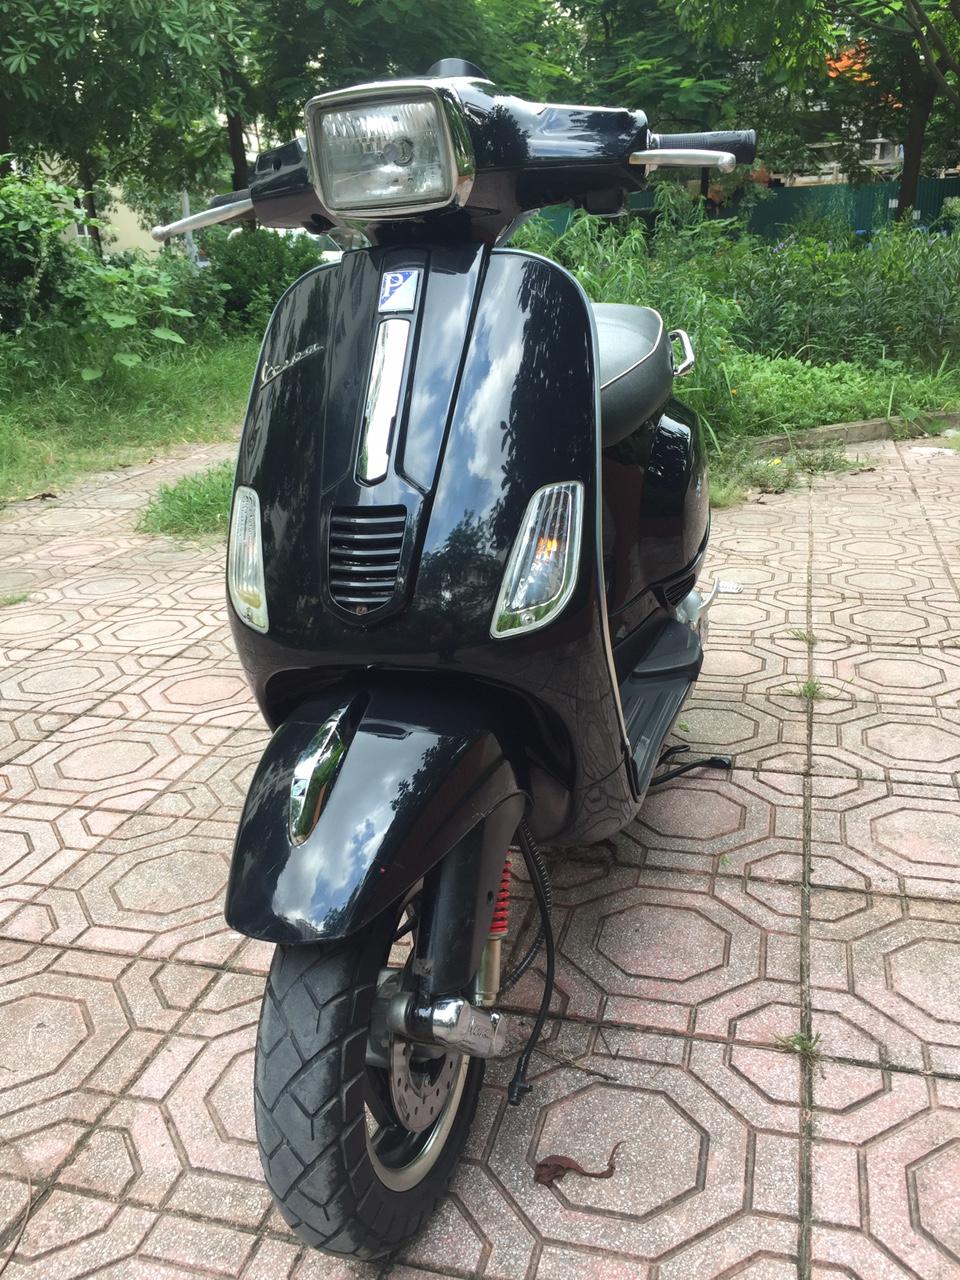 Rao ban Vespa S 125 den vuong chinh chu su dung con rat moi 30tr - 5